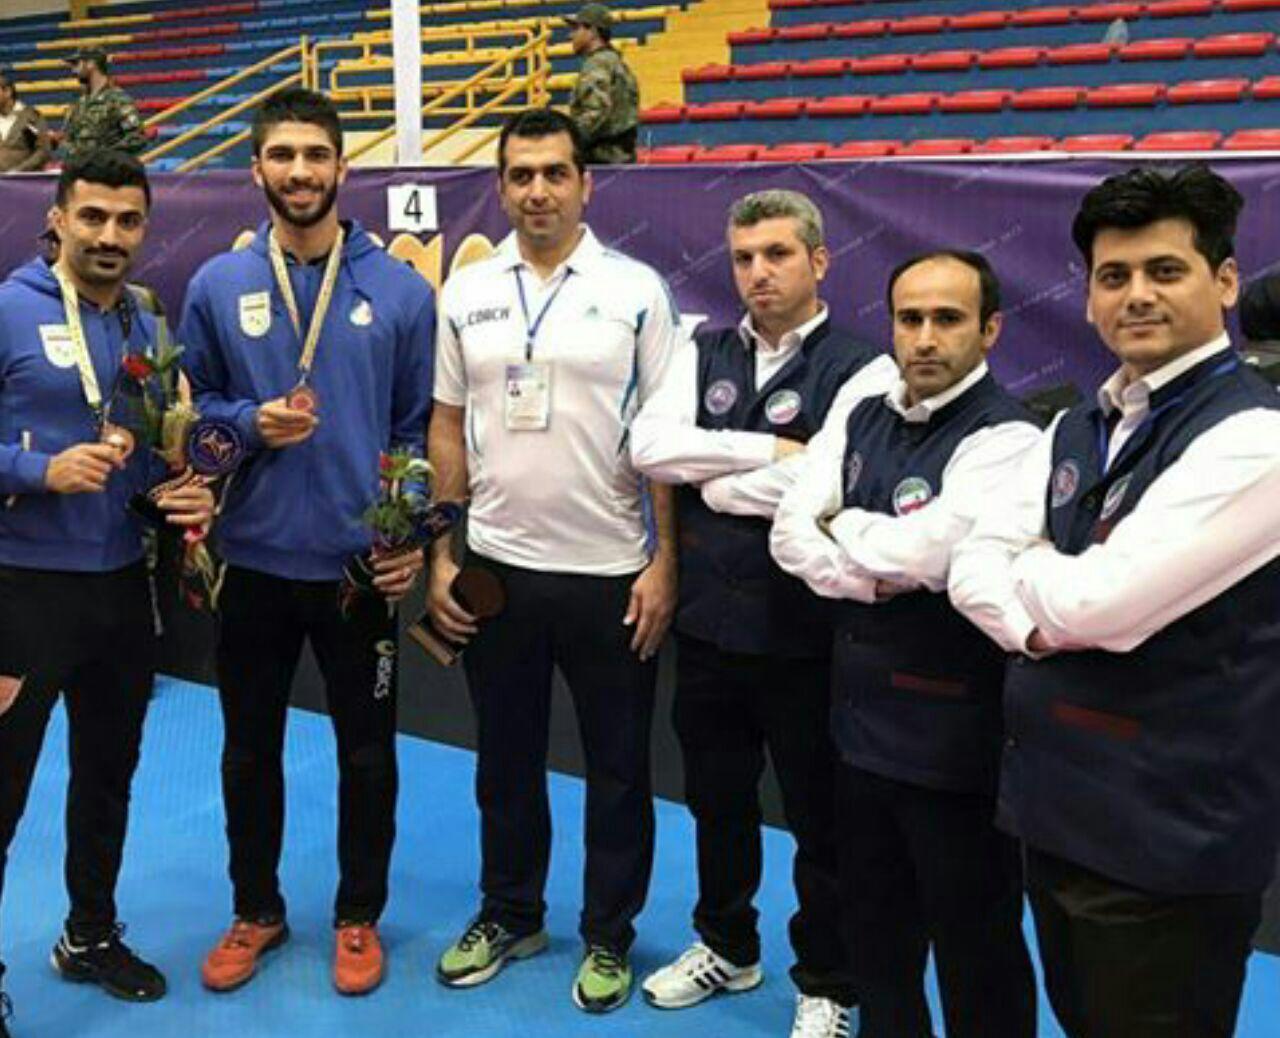 تیم ملی کبدی مردان ایران سوم آسیا شدند